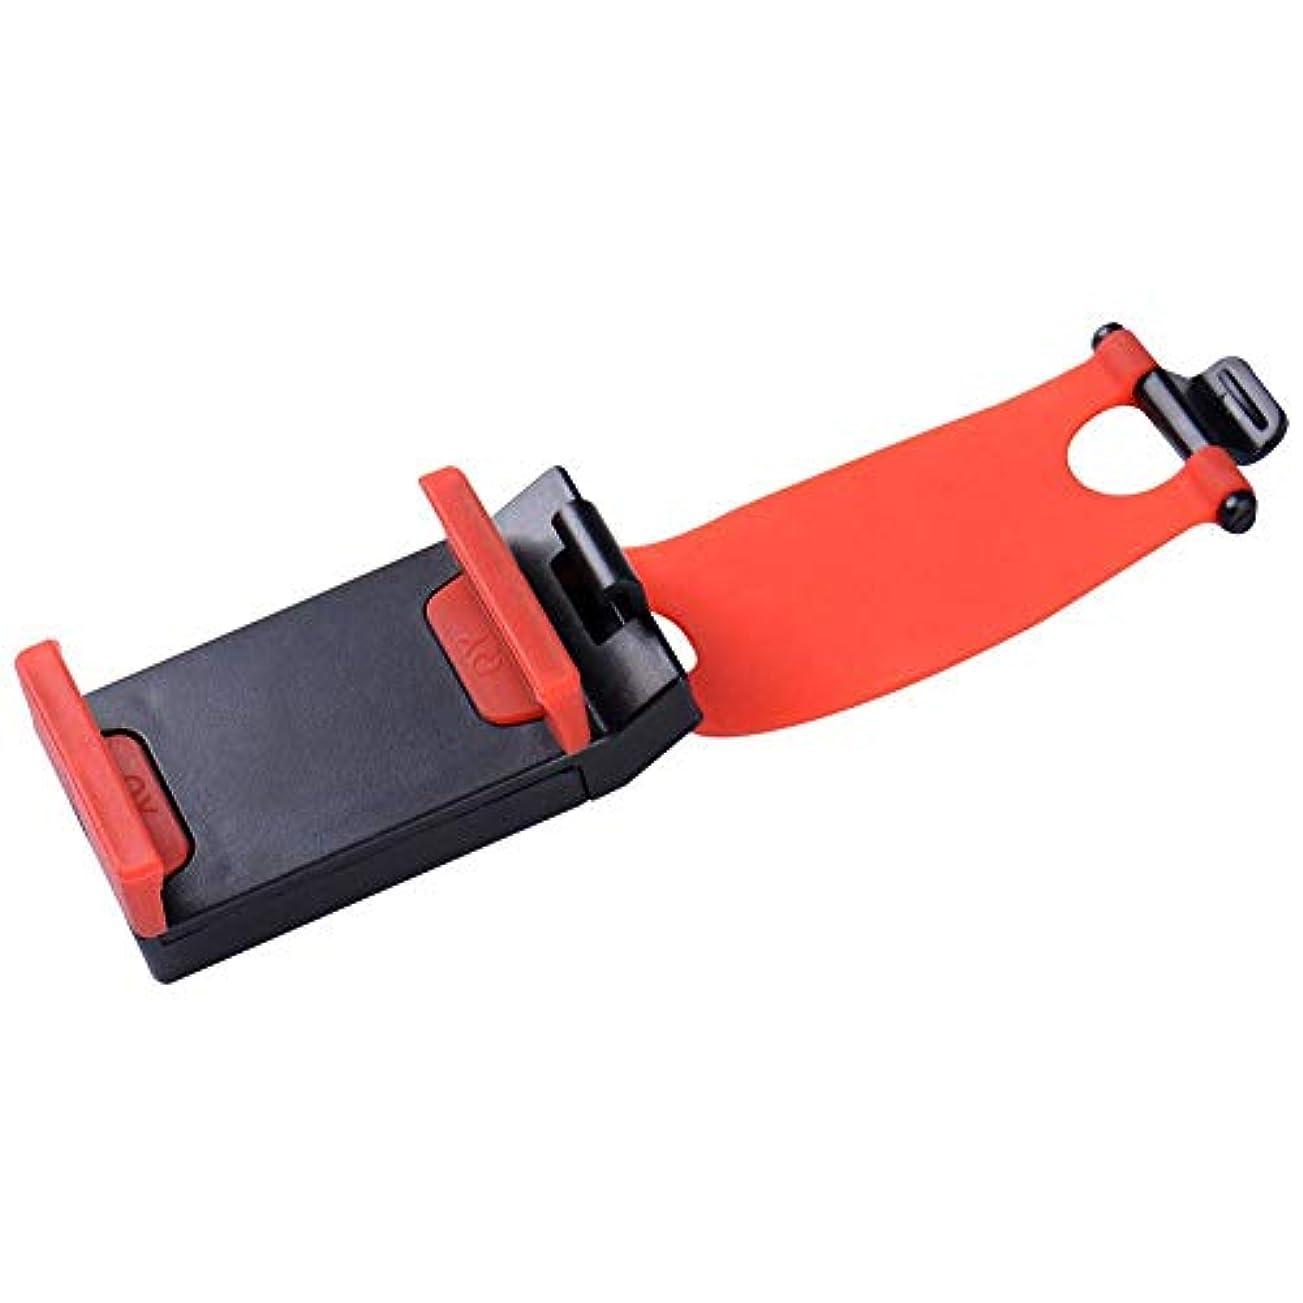 帰るに対して信条Jicorzo - 6つの6Sプラス三星ギャラクシーS8 S7 S5 S6エッジについてiPhone 7のための普遍的な車の自動車のステアリングホイールソケット移動ケースホルダースタンド